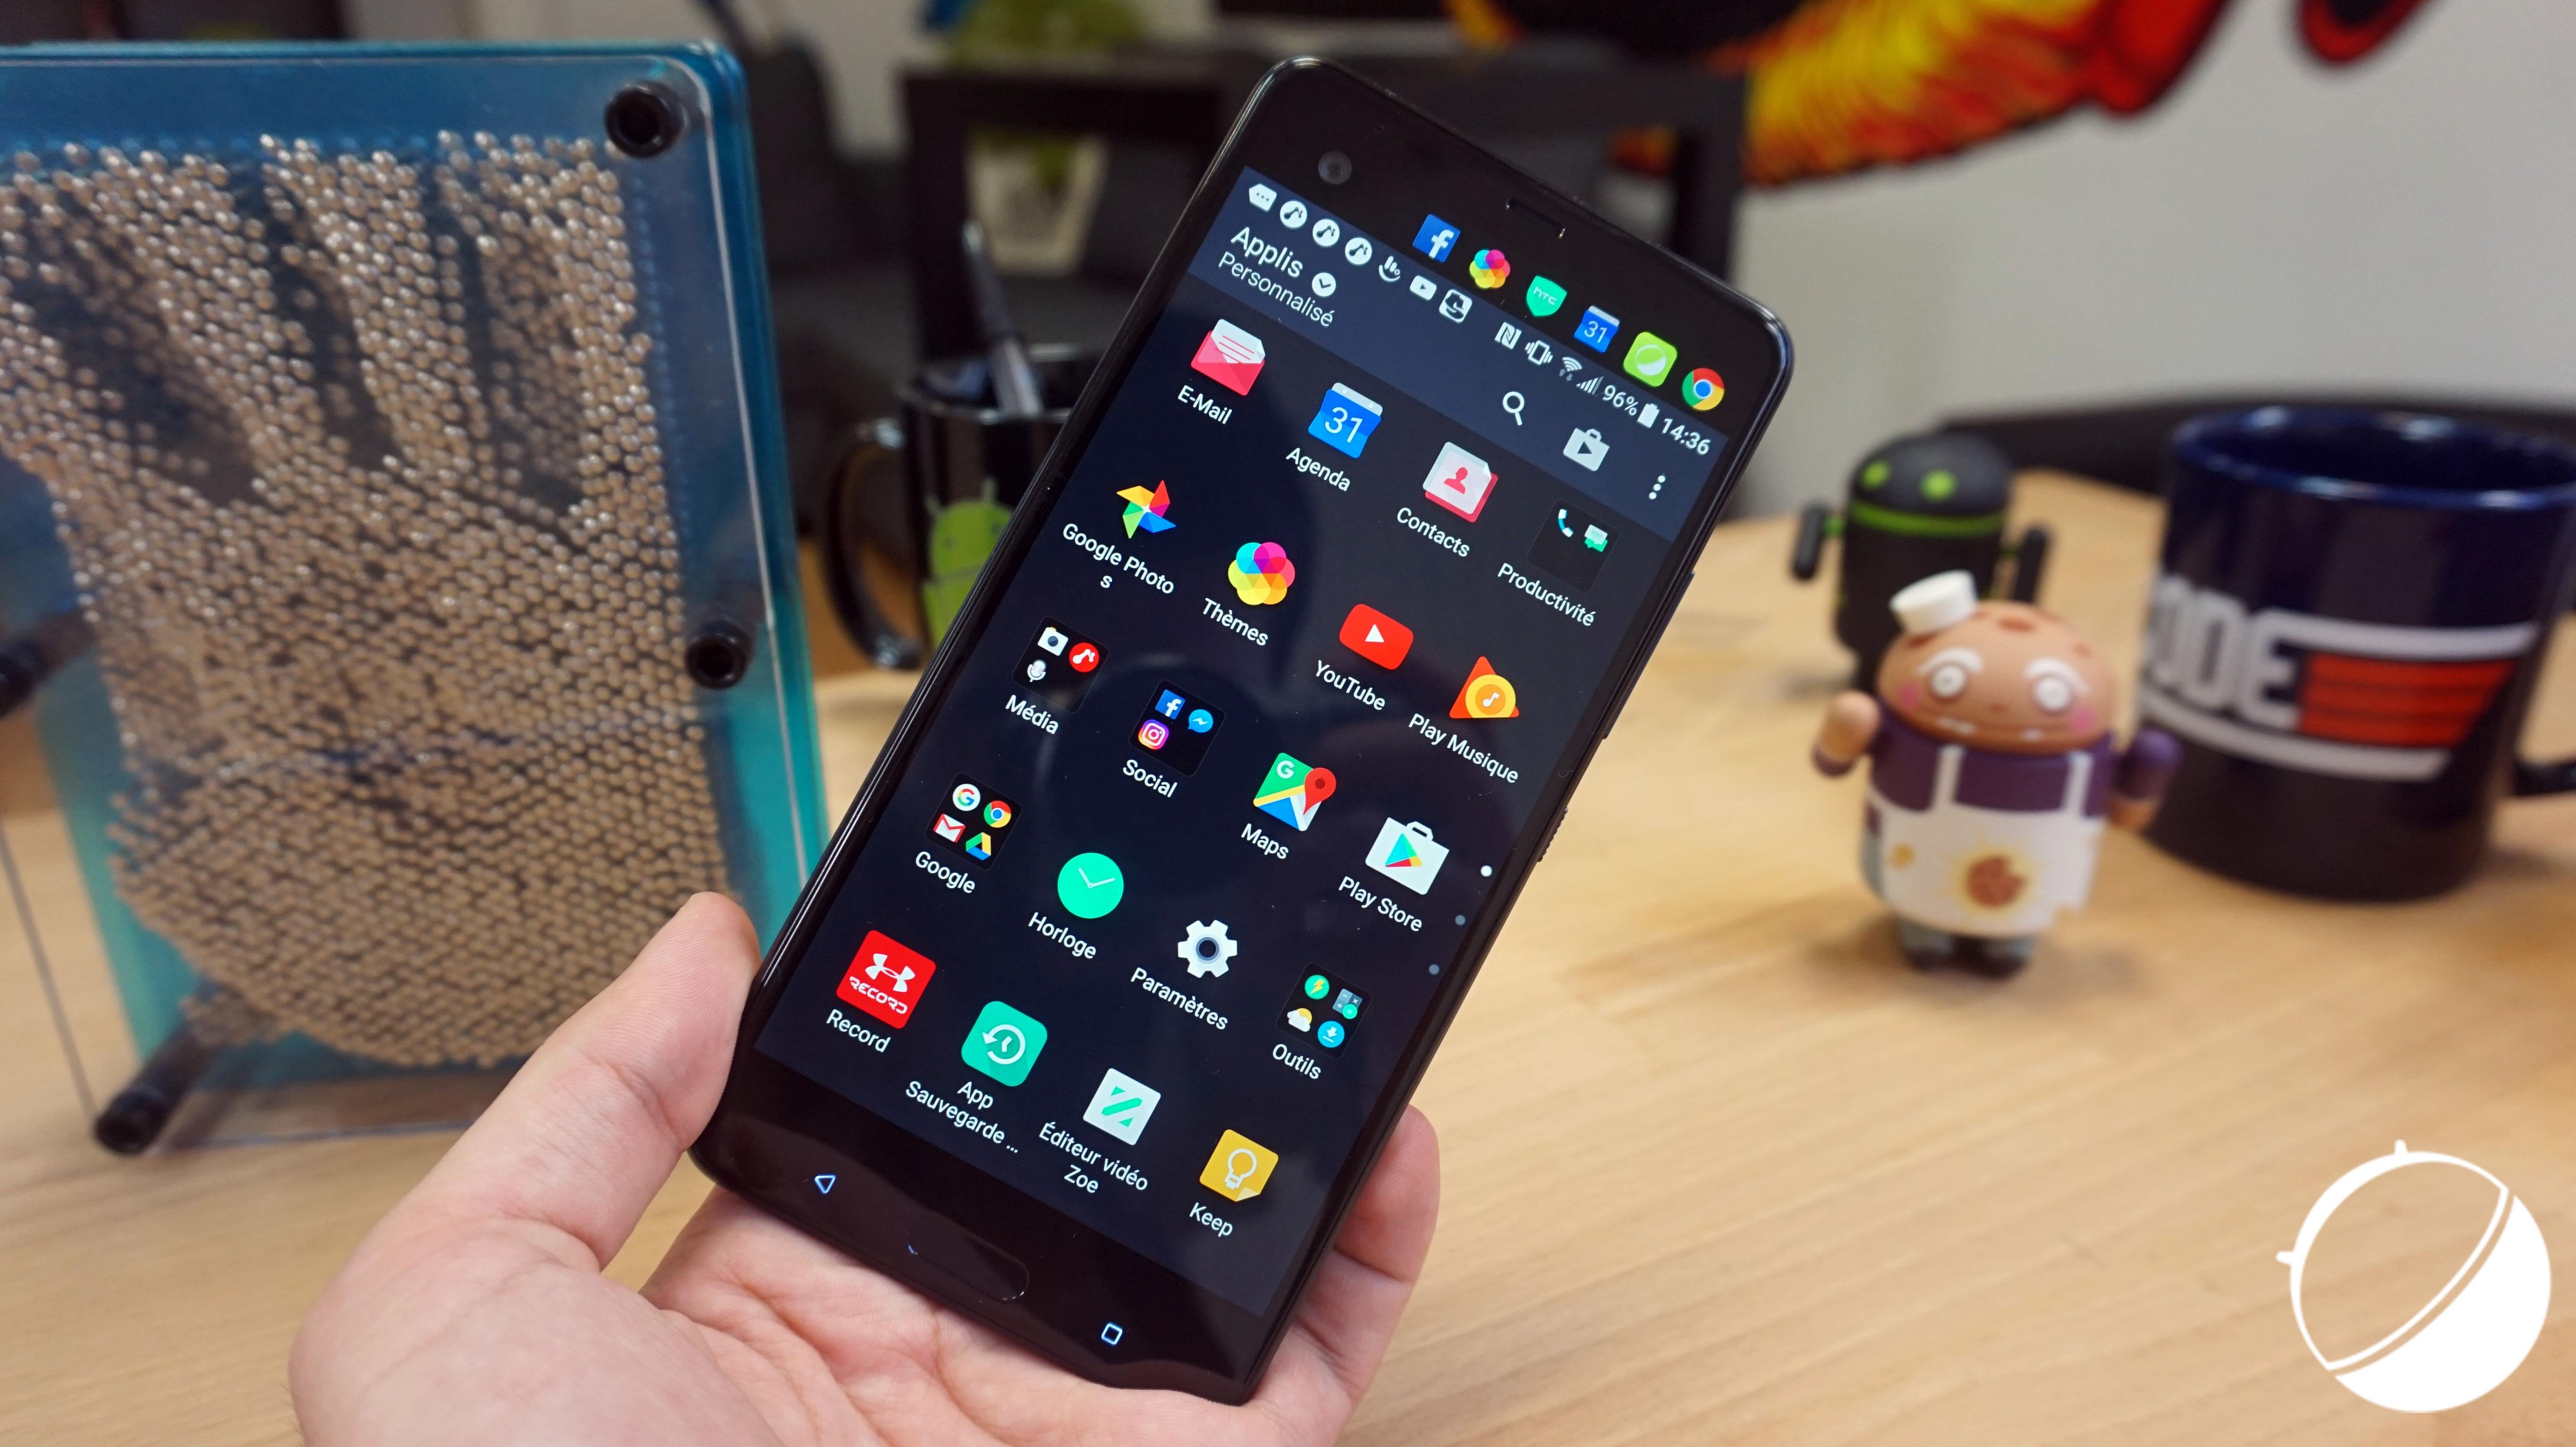 Test vidéo du HTC U Ultra : un smartphone performant et ingénieux malgré quelques défauts